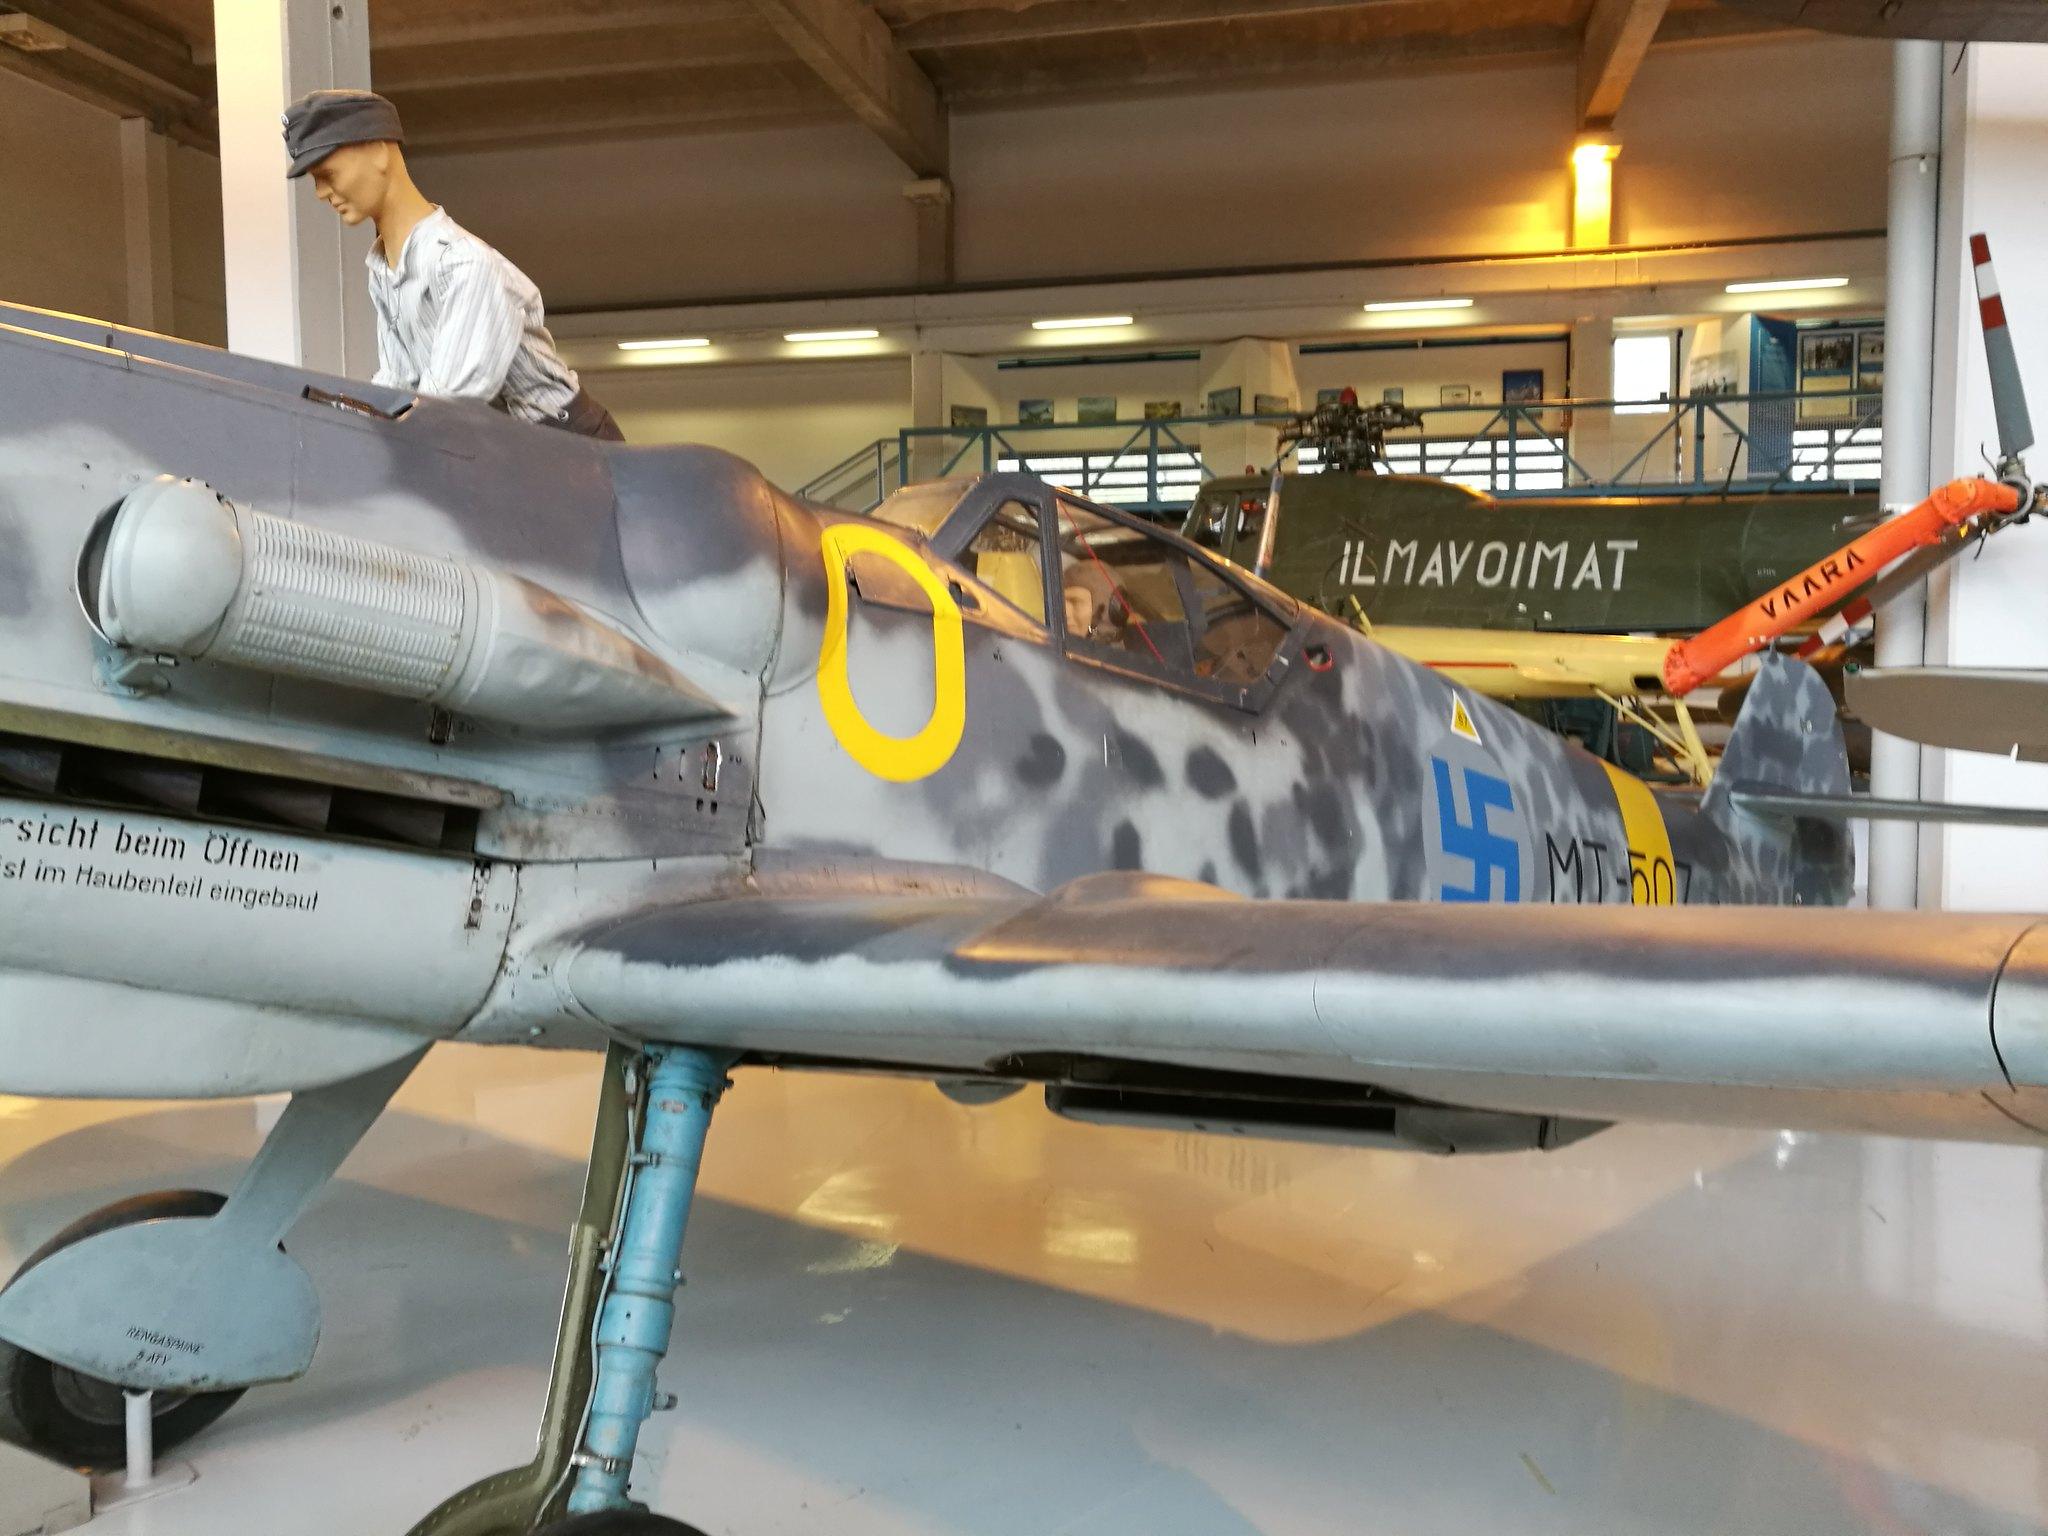 Hemkommen från semester i Finland med utflykt till Finlands Flygvapenmuseum. 48292964261_6dee262e63_k